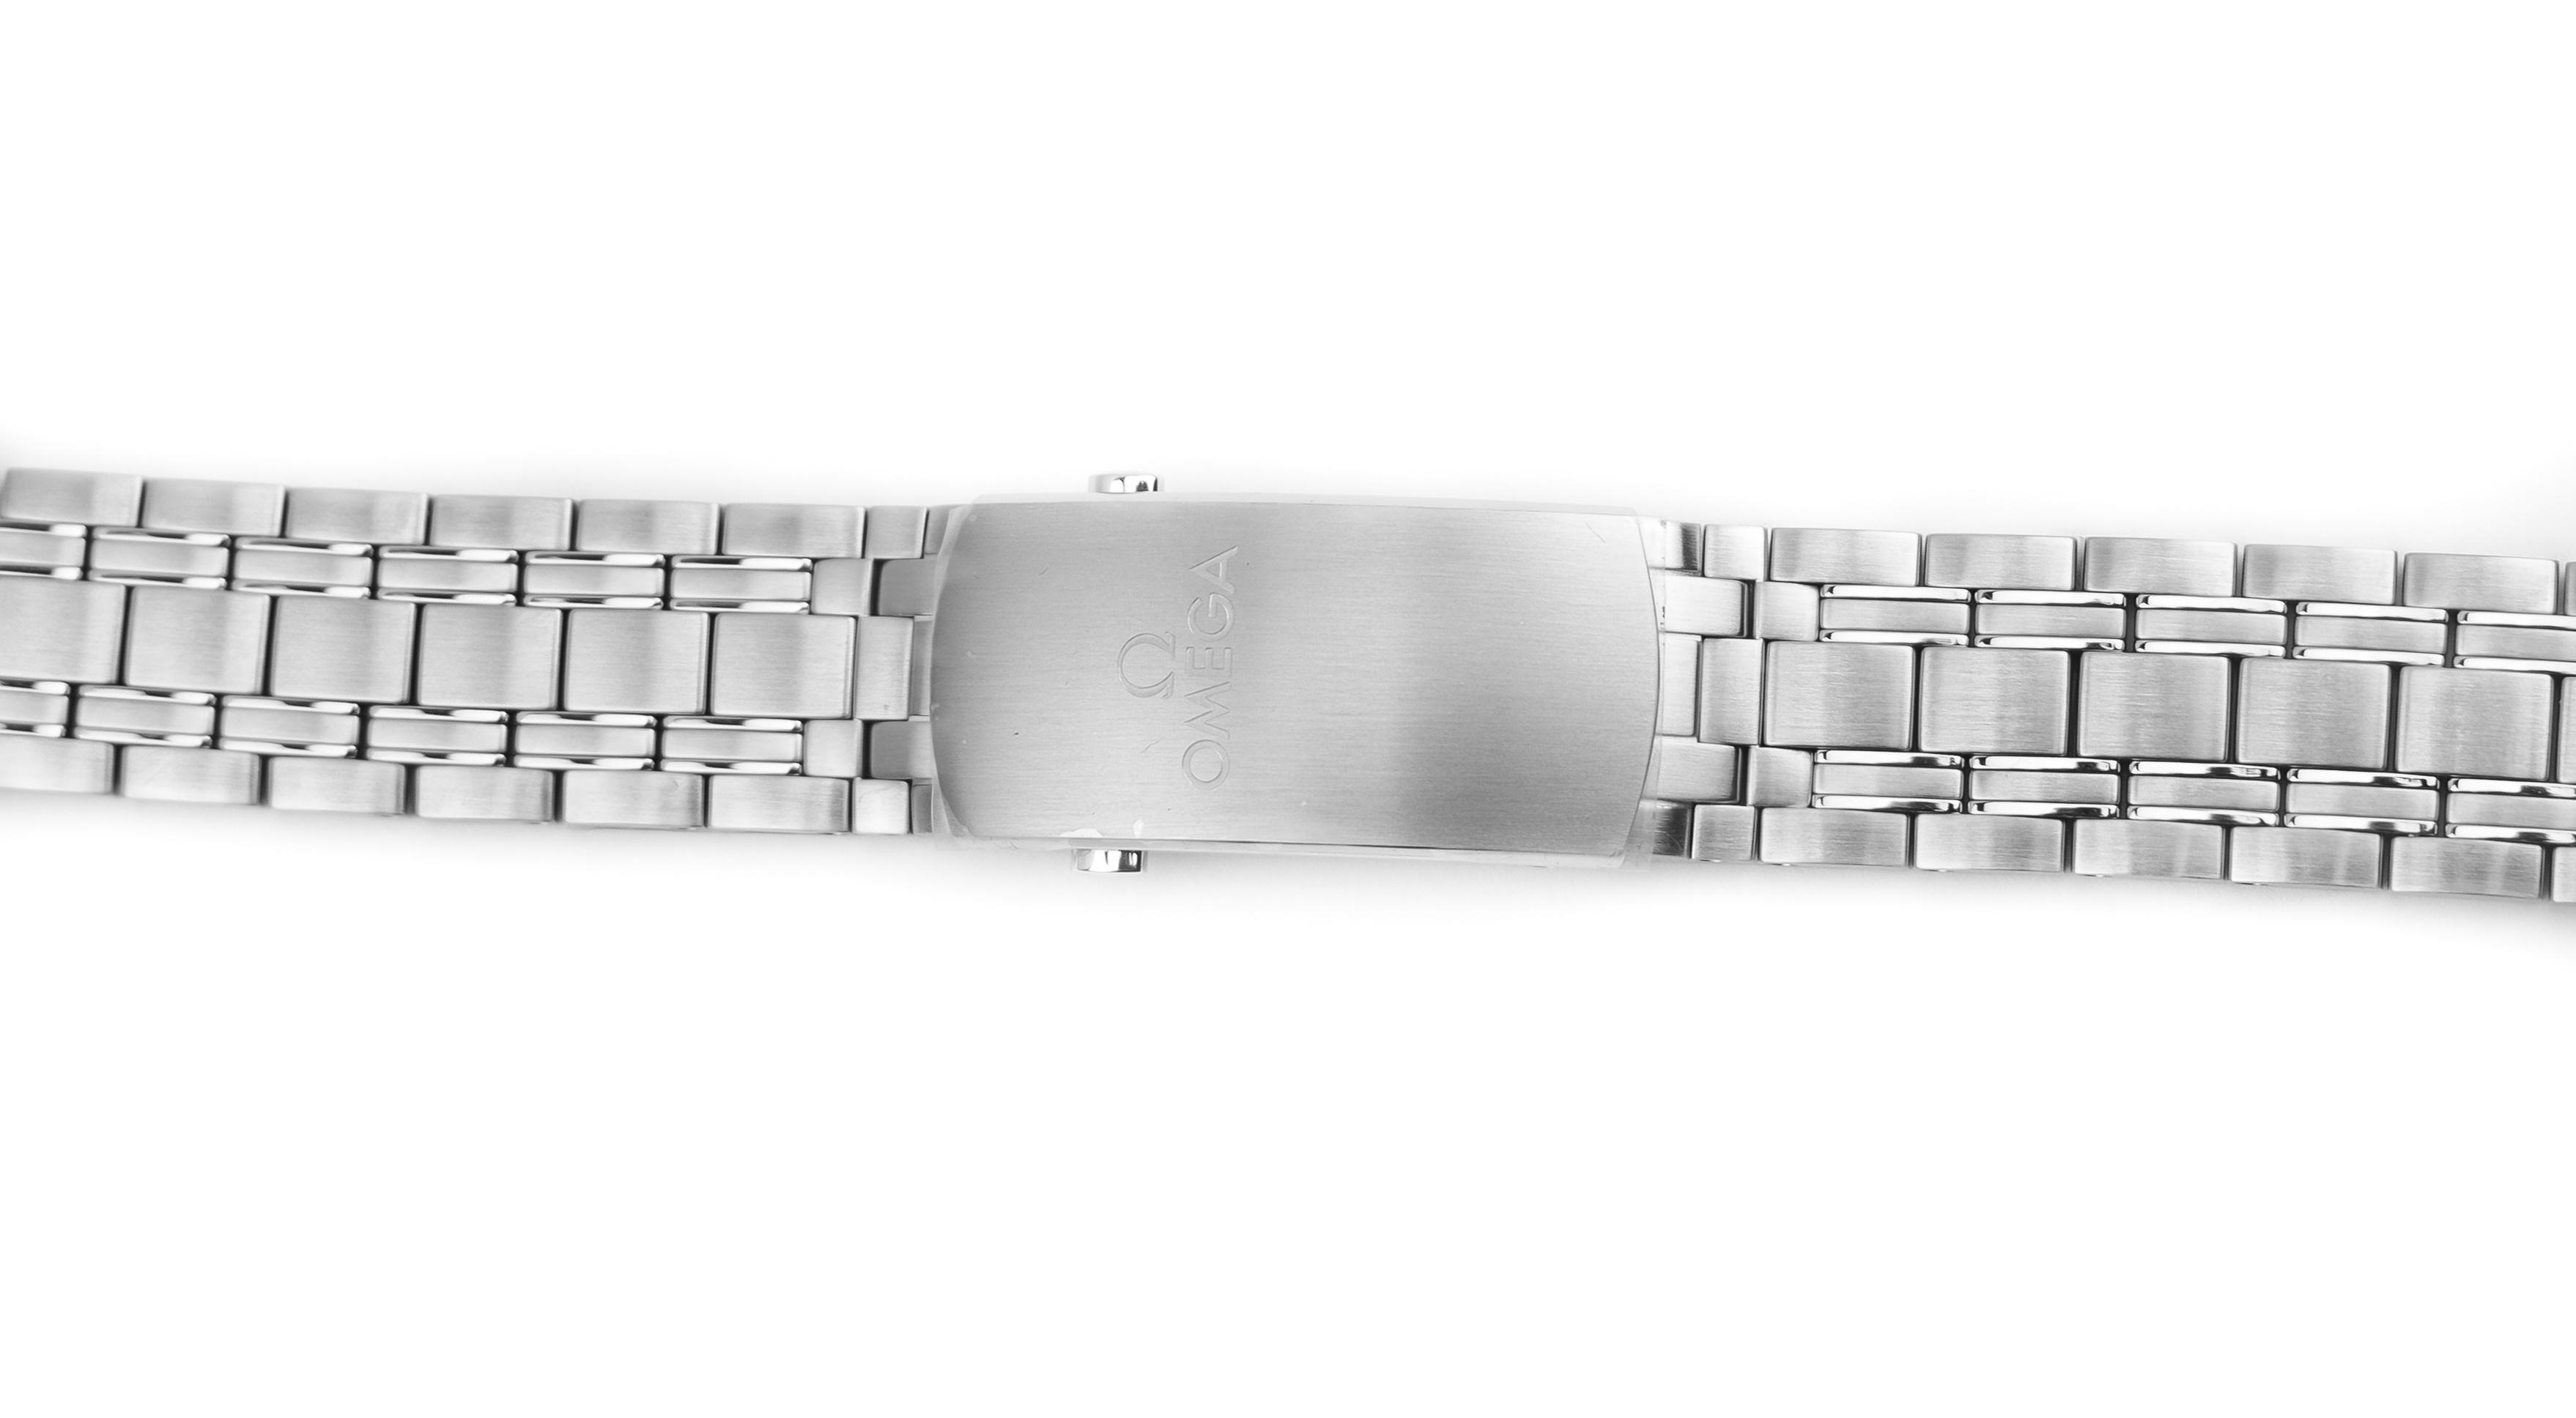 Omega bracelet reference numbers